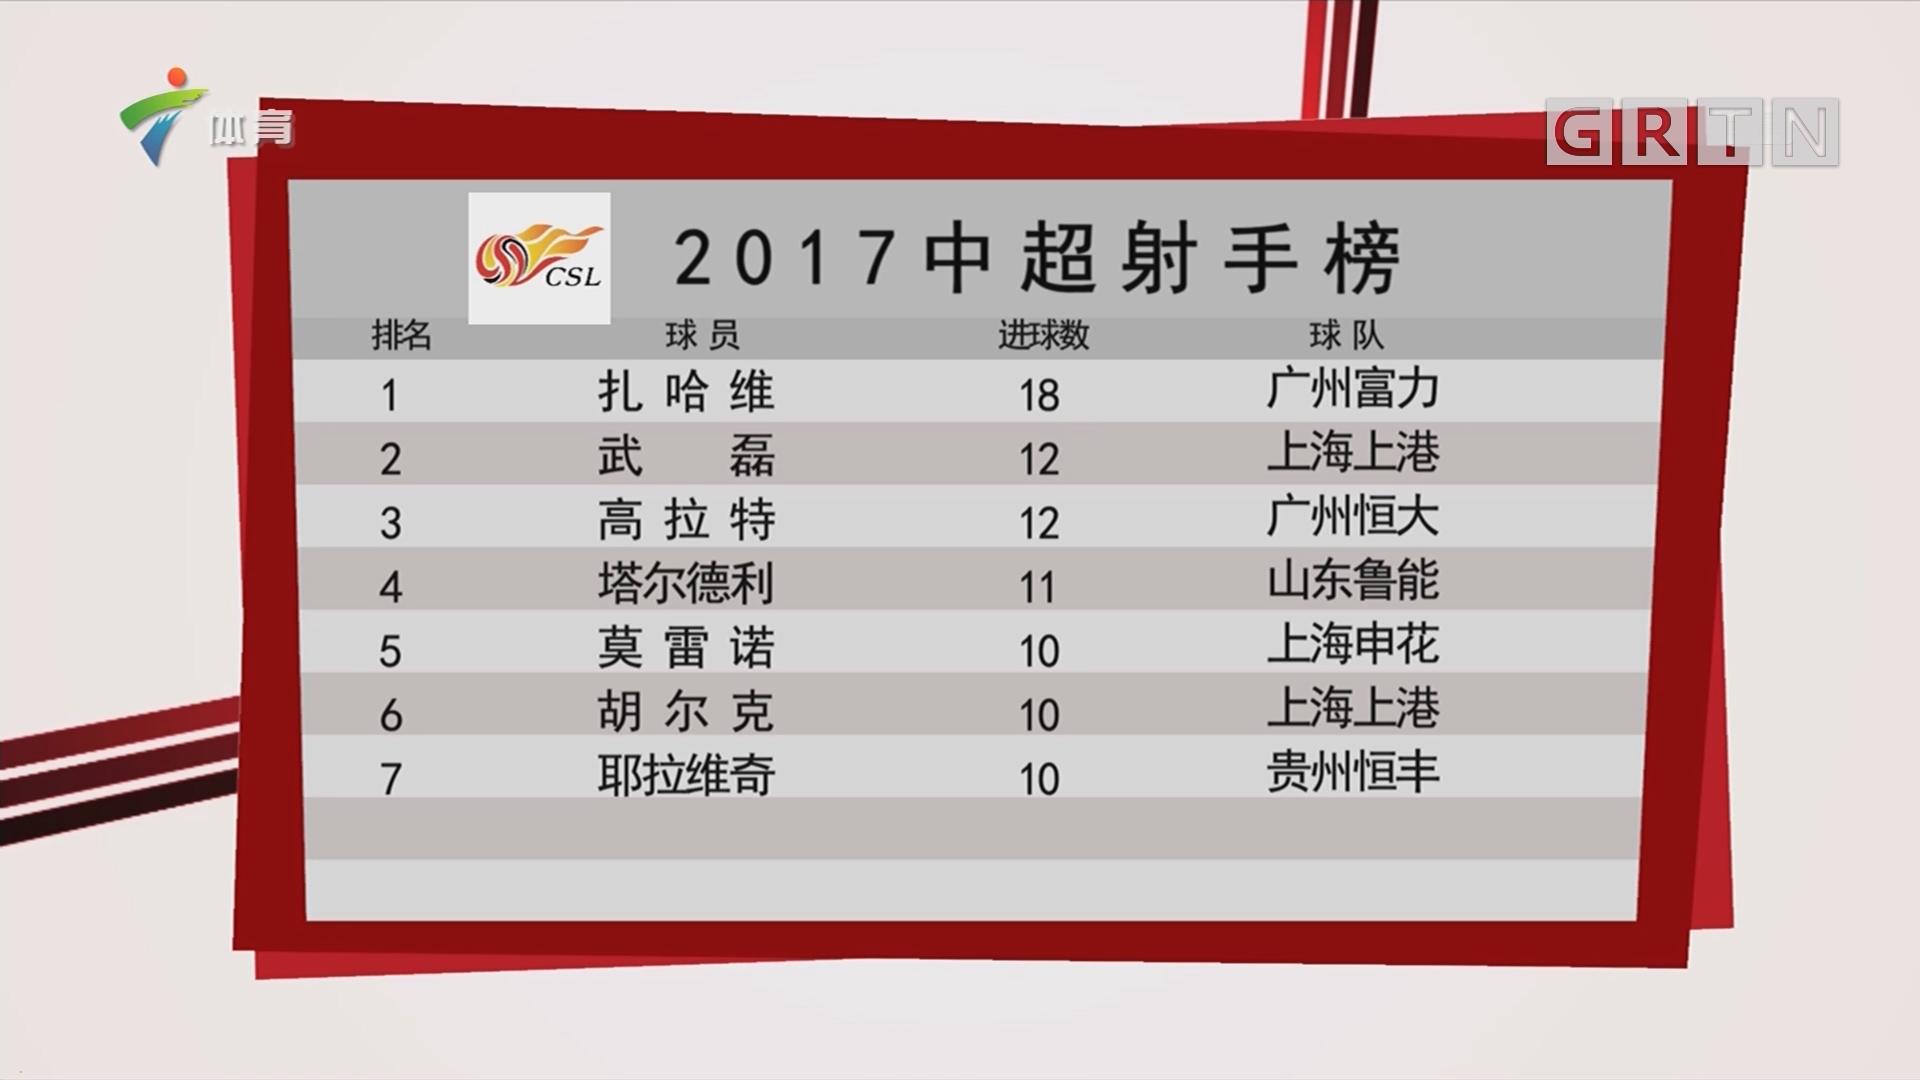 2017中超射手榜